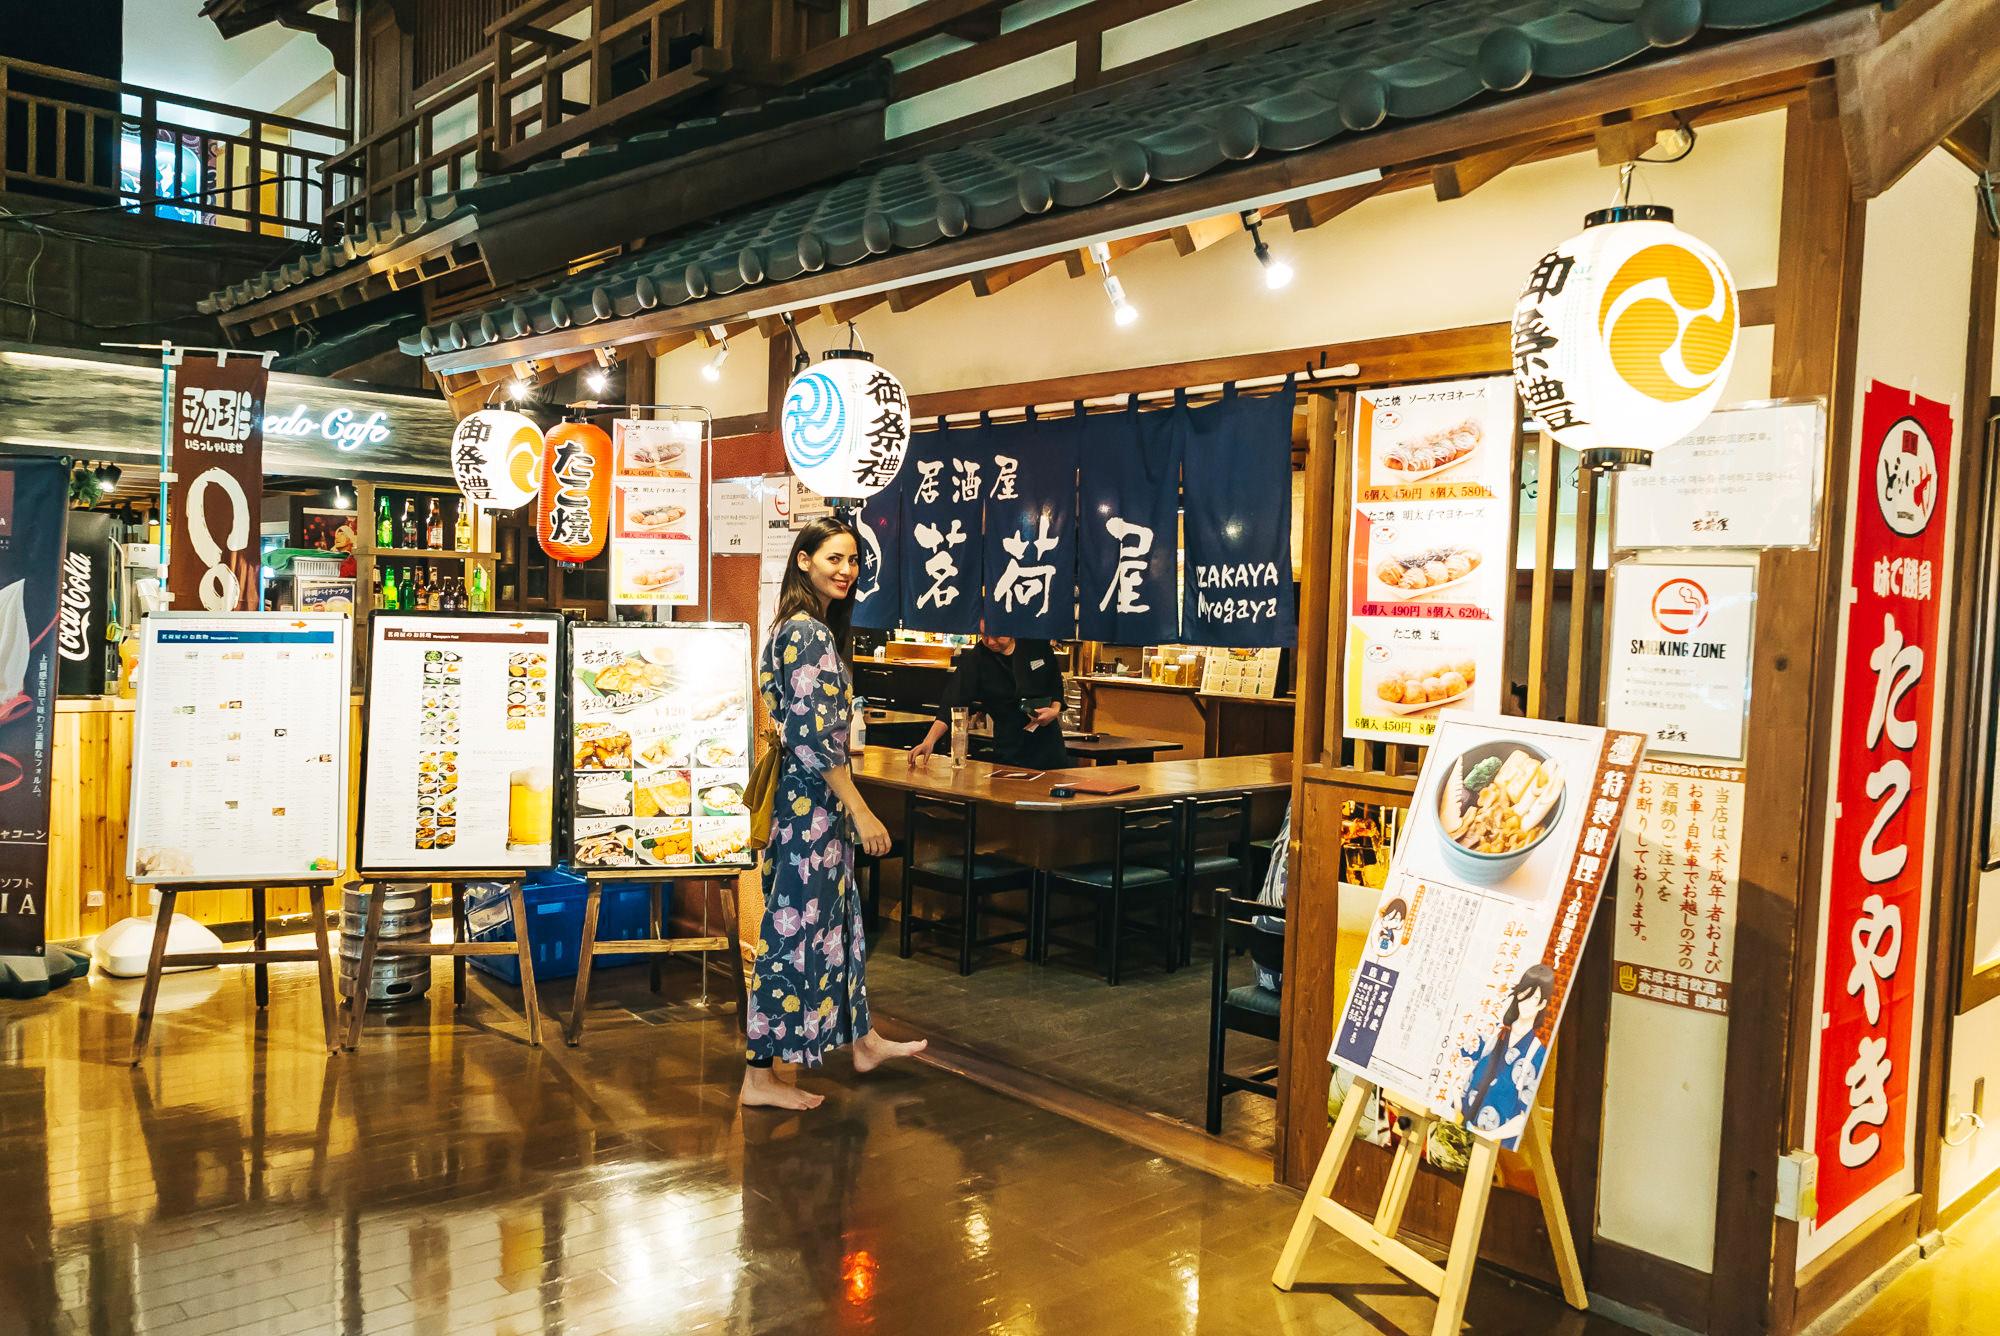 Entering Izakaya Nagoya